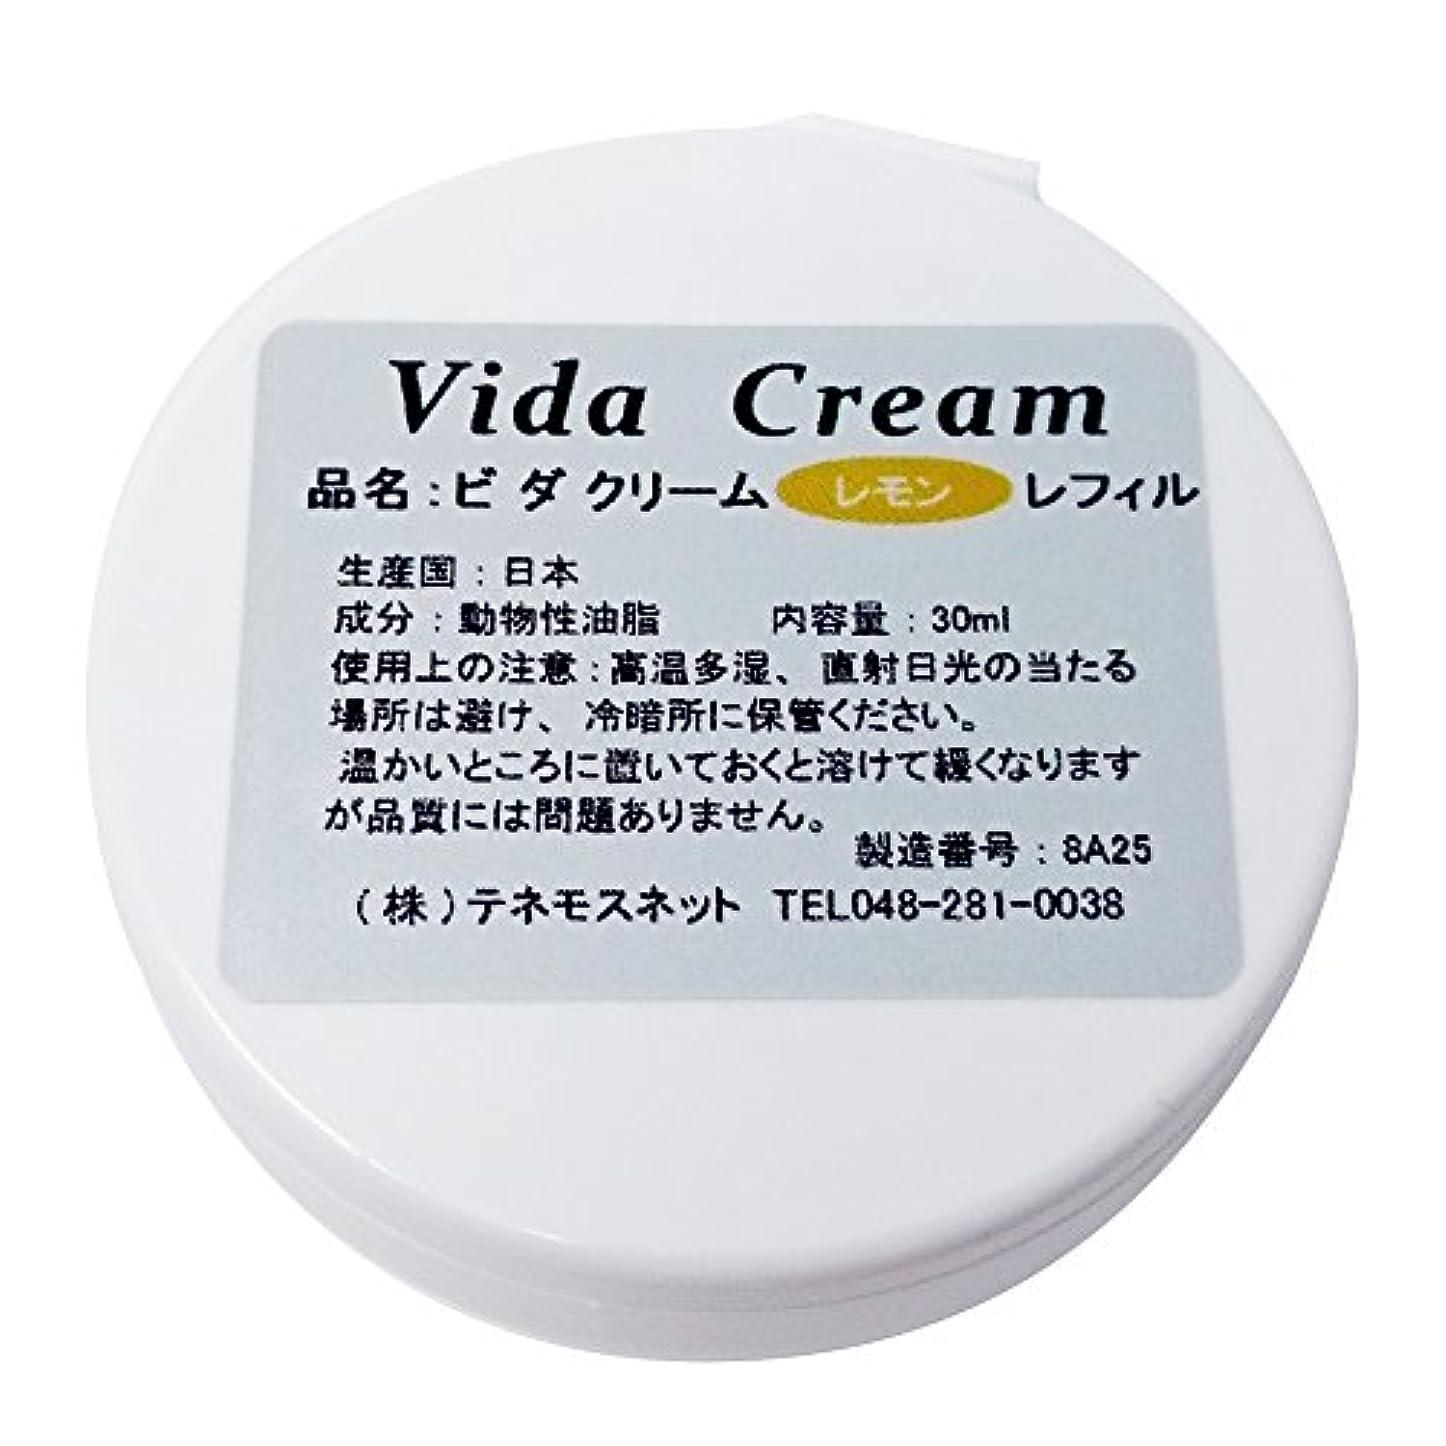 ミット更新する滑り台テネモス ビダクリーム Vida Cream ほのかレモン レフィル 付替用 30ml